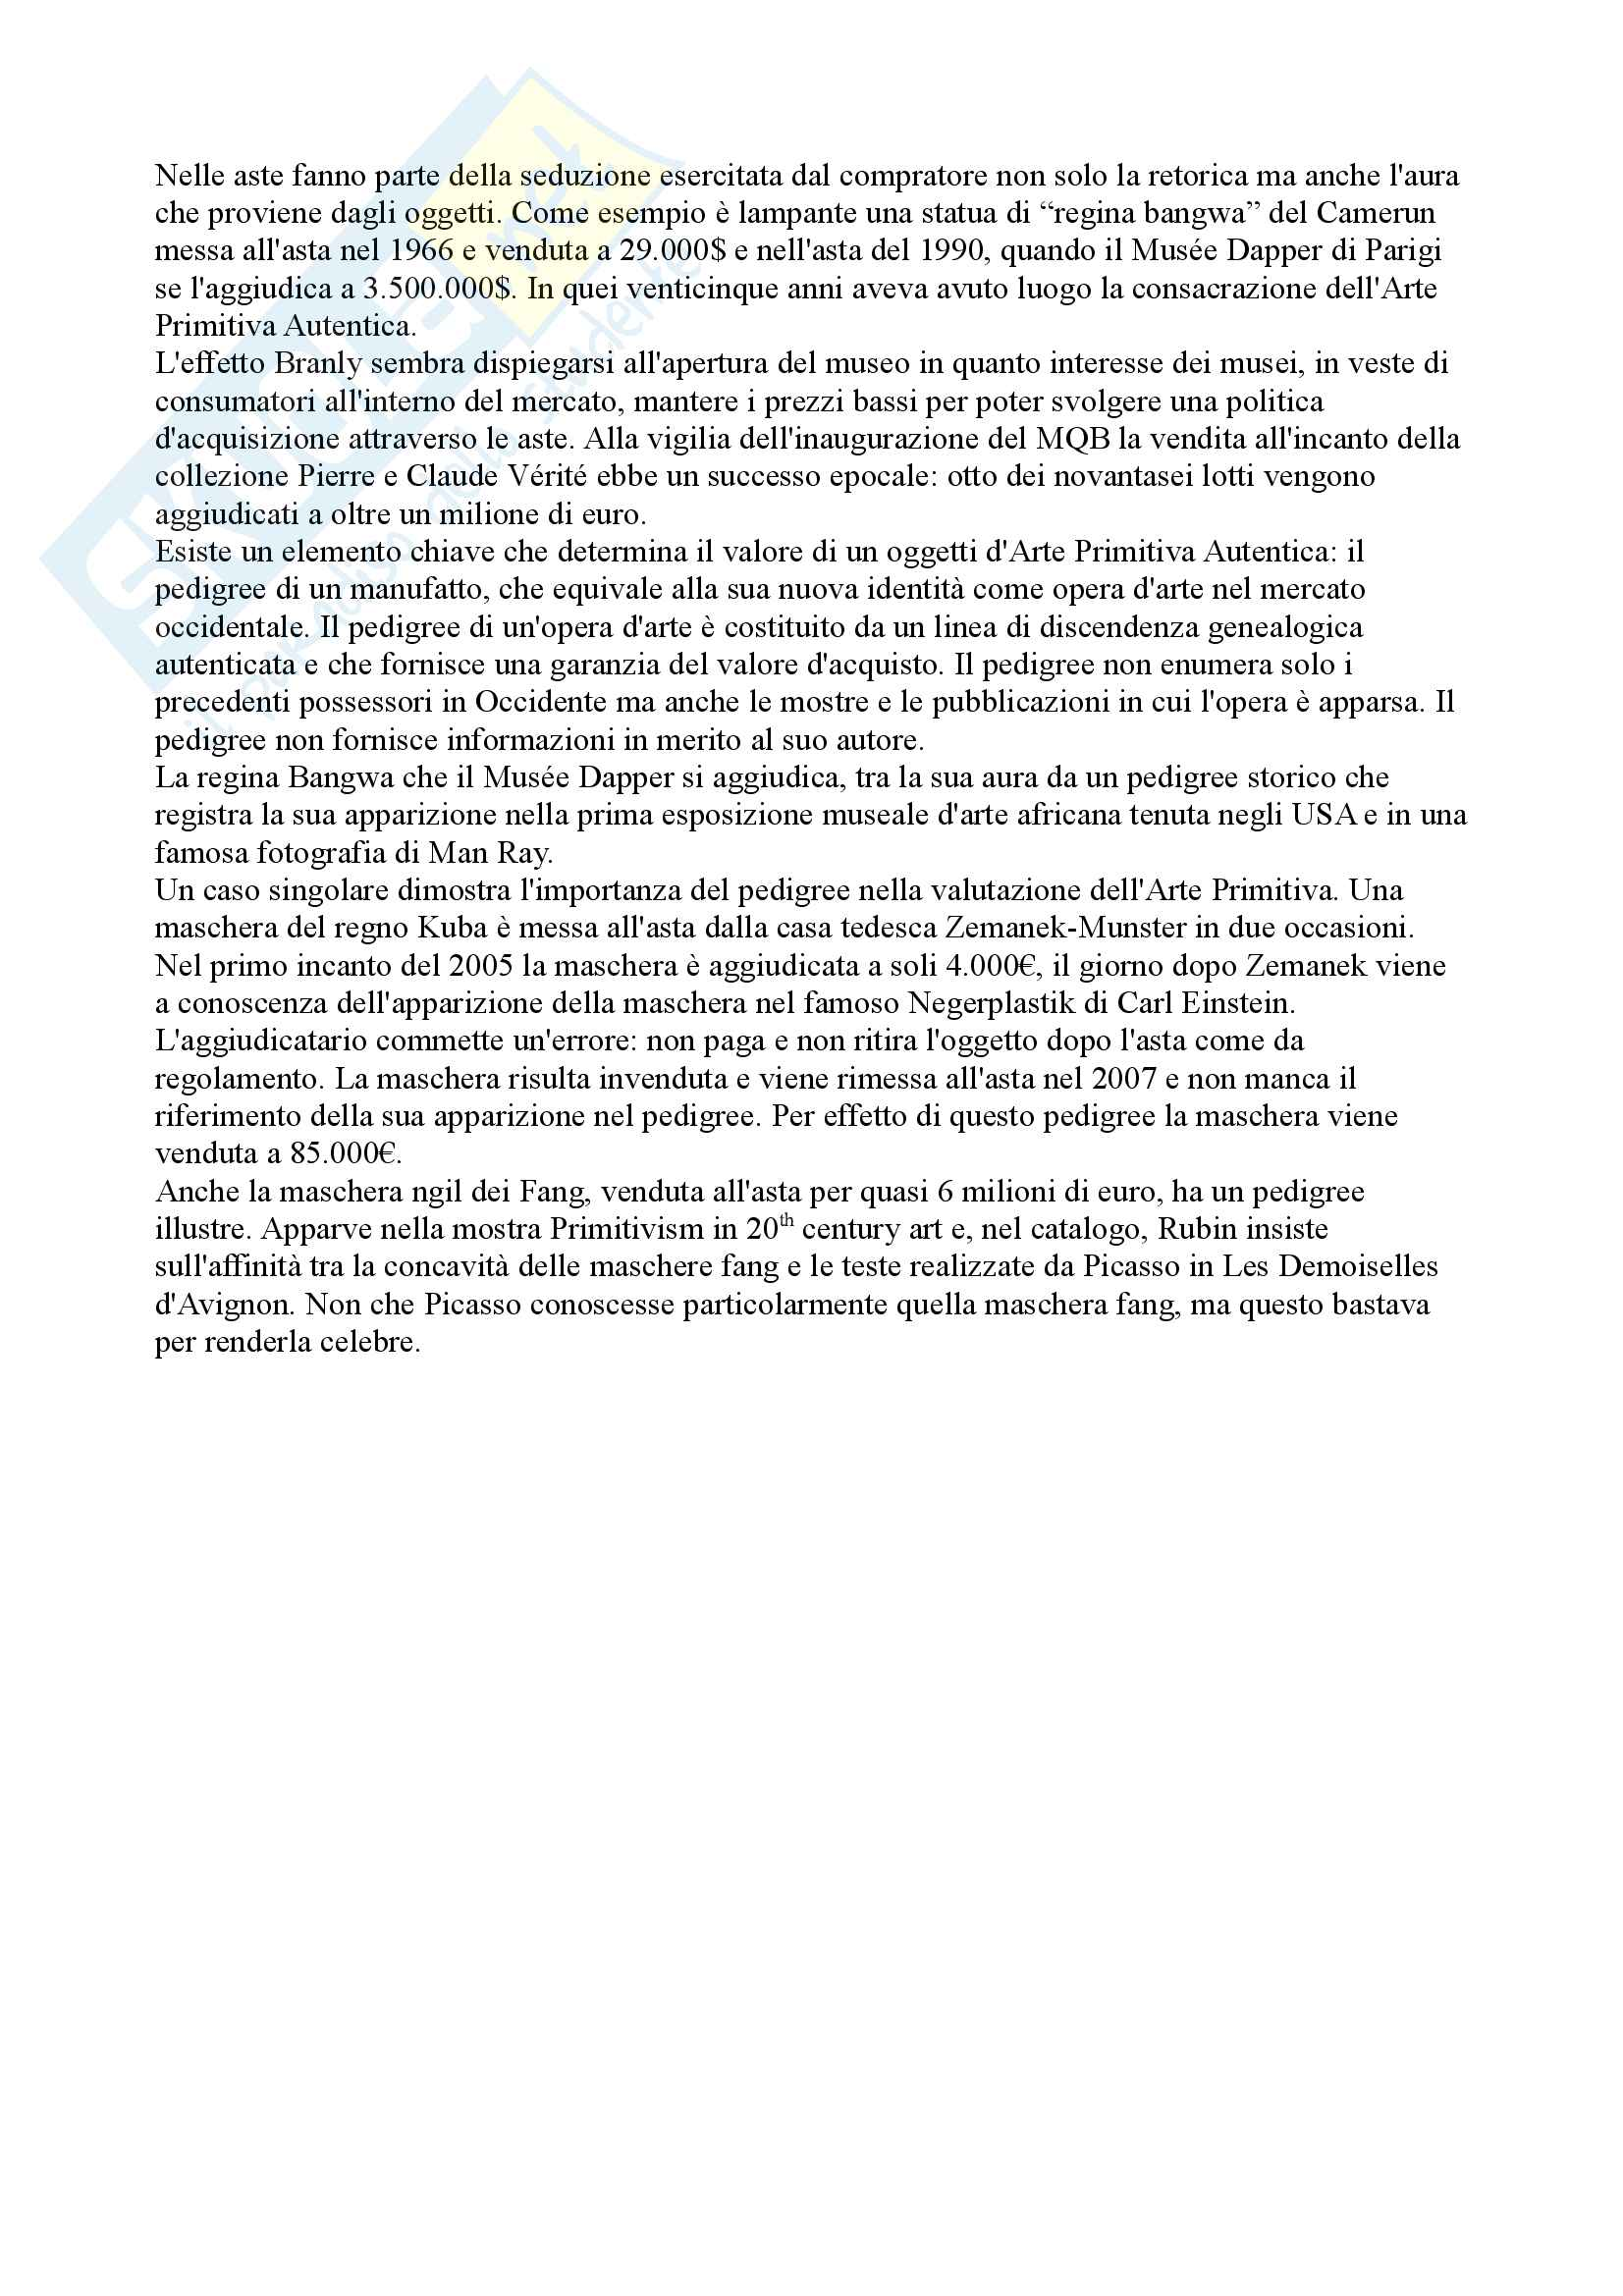 Riassunto esame Antropologia dei patrimoni culturali prof.ssa Rossi, testo consigliato: D'incanto in incanto - Ciminelli Pag. 26